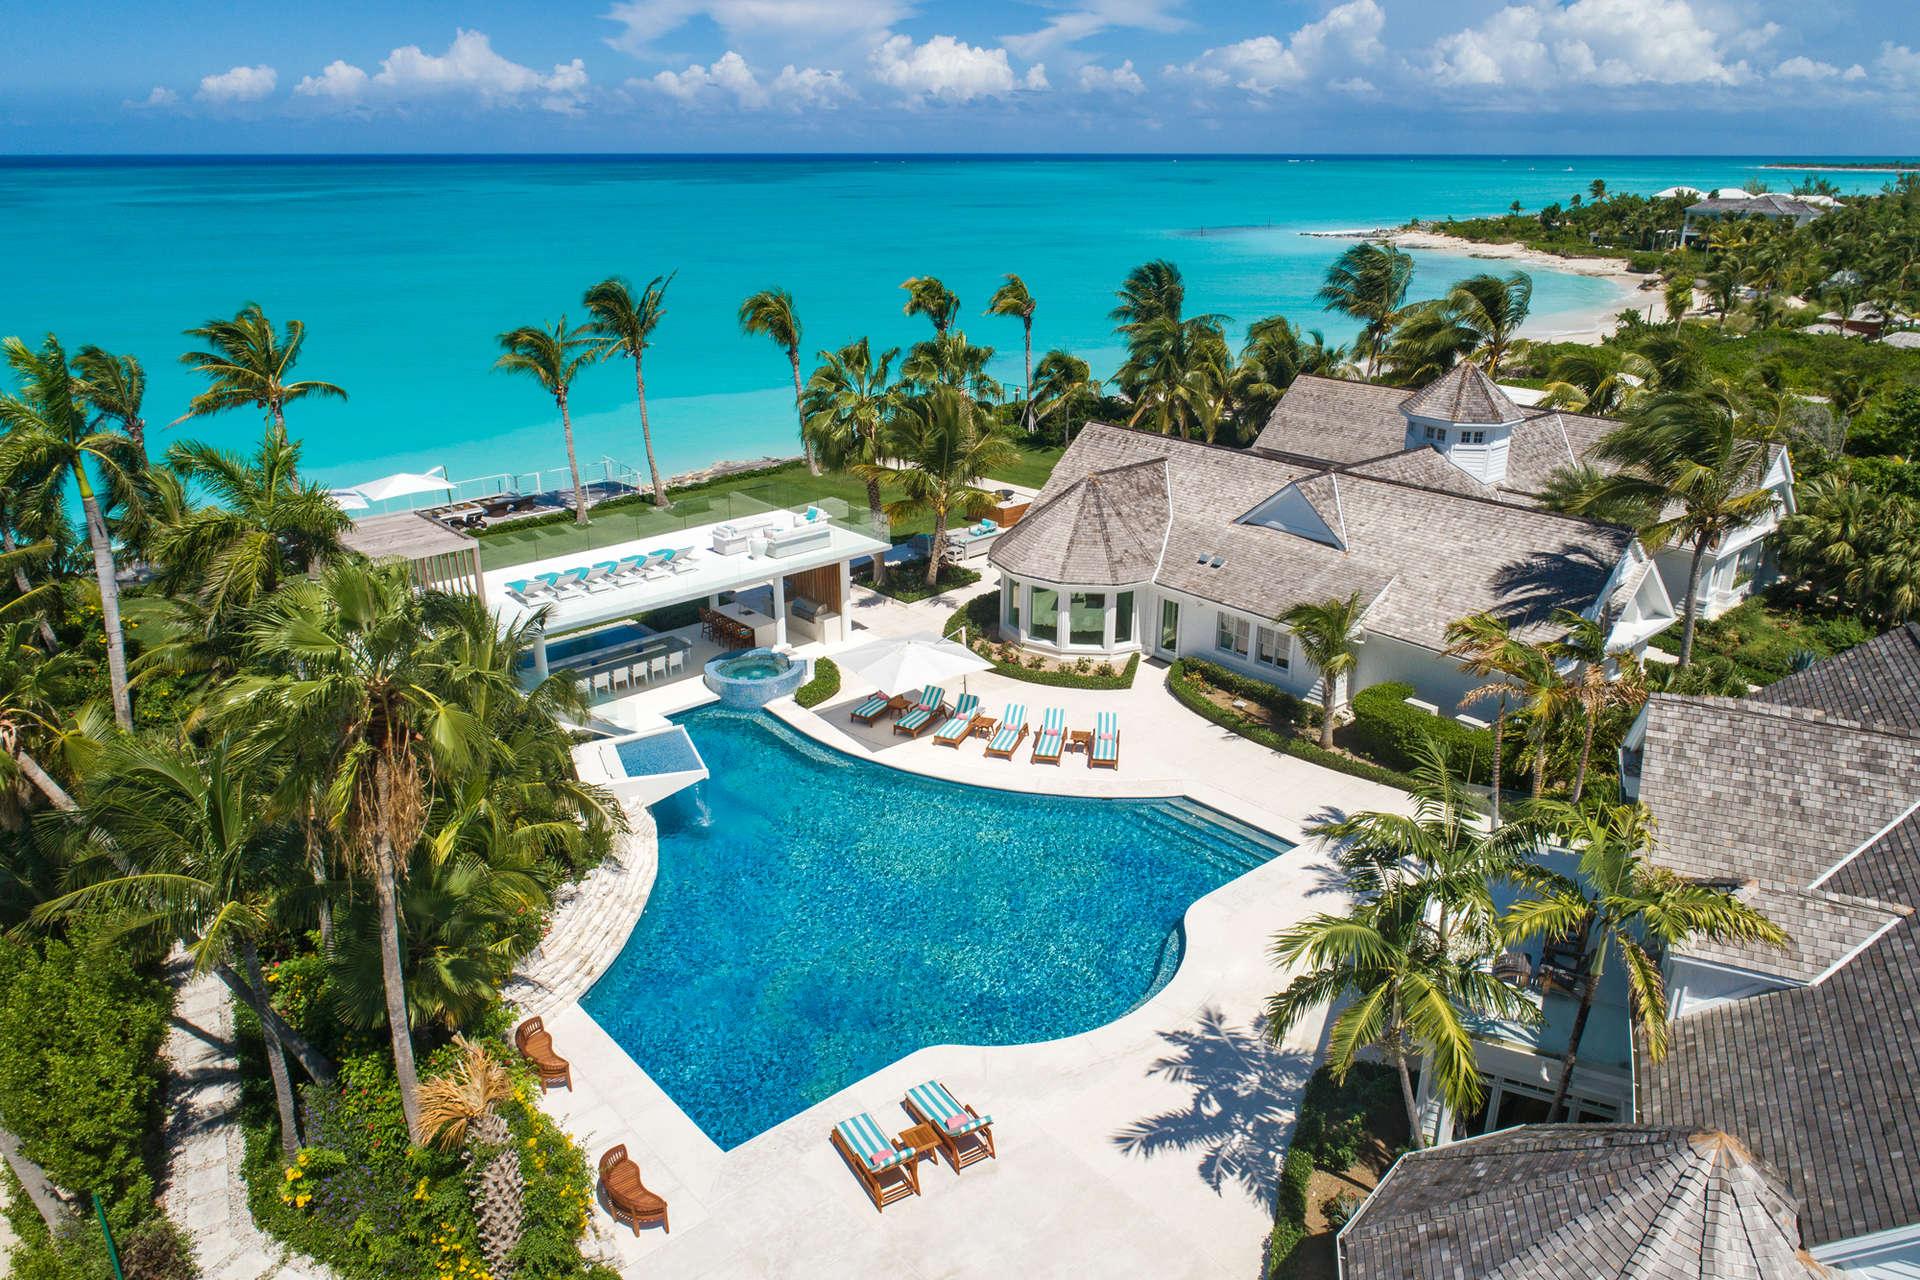 Luxury villa rentals caribbean - Turks and caicos - Providenciales - Grace bay - Salacia Villa - Image 1/41